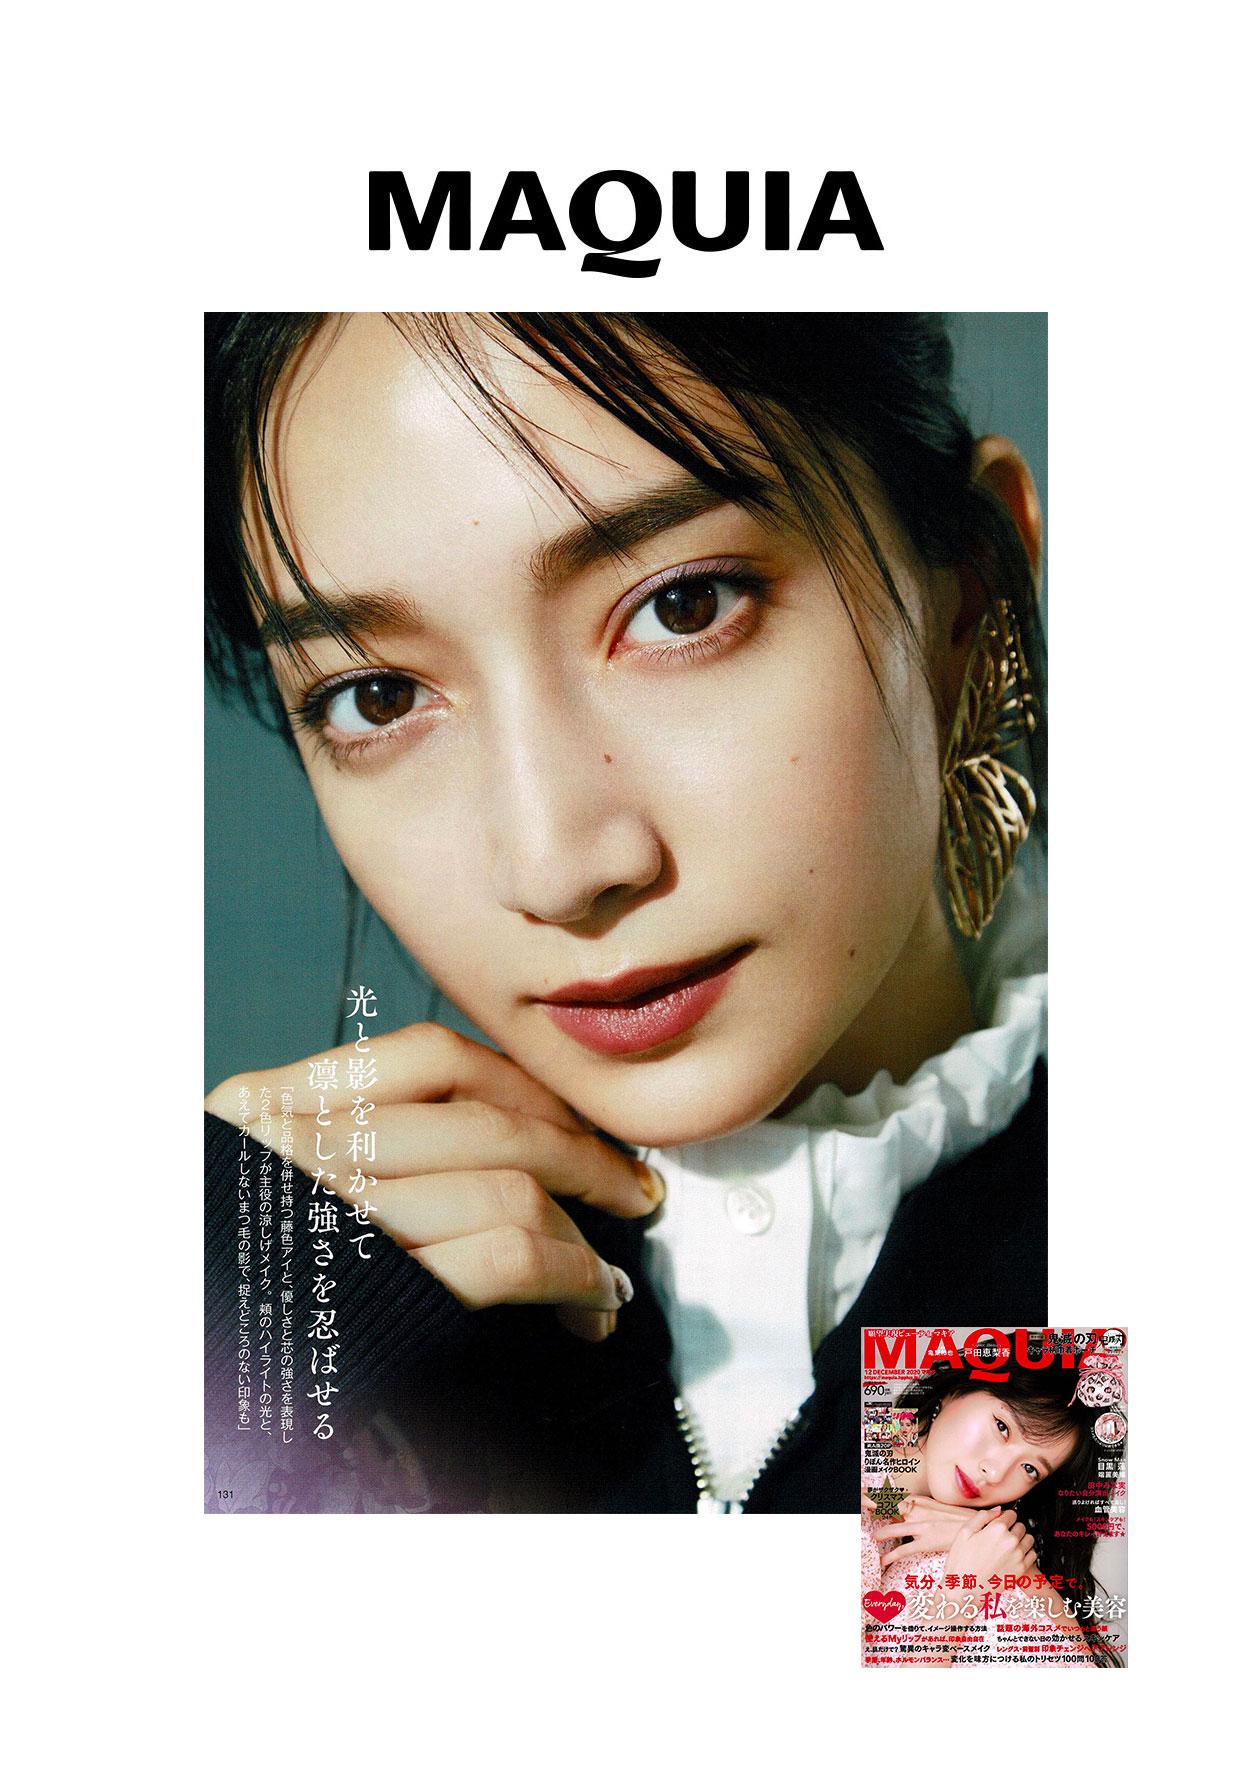 melampo-press-maquia-magazine3